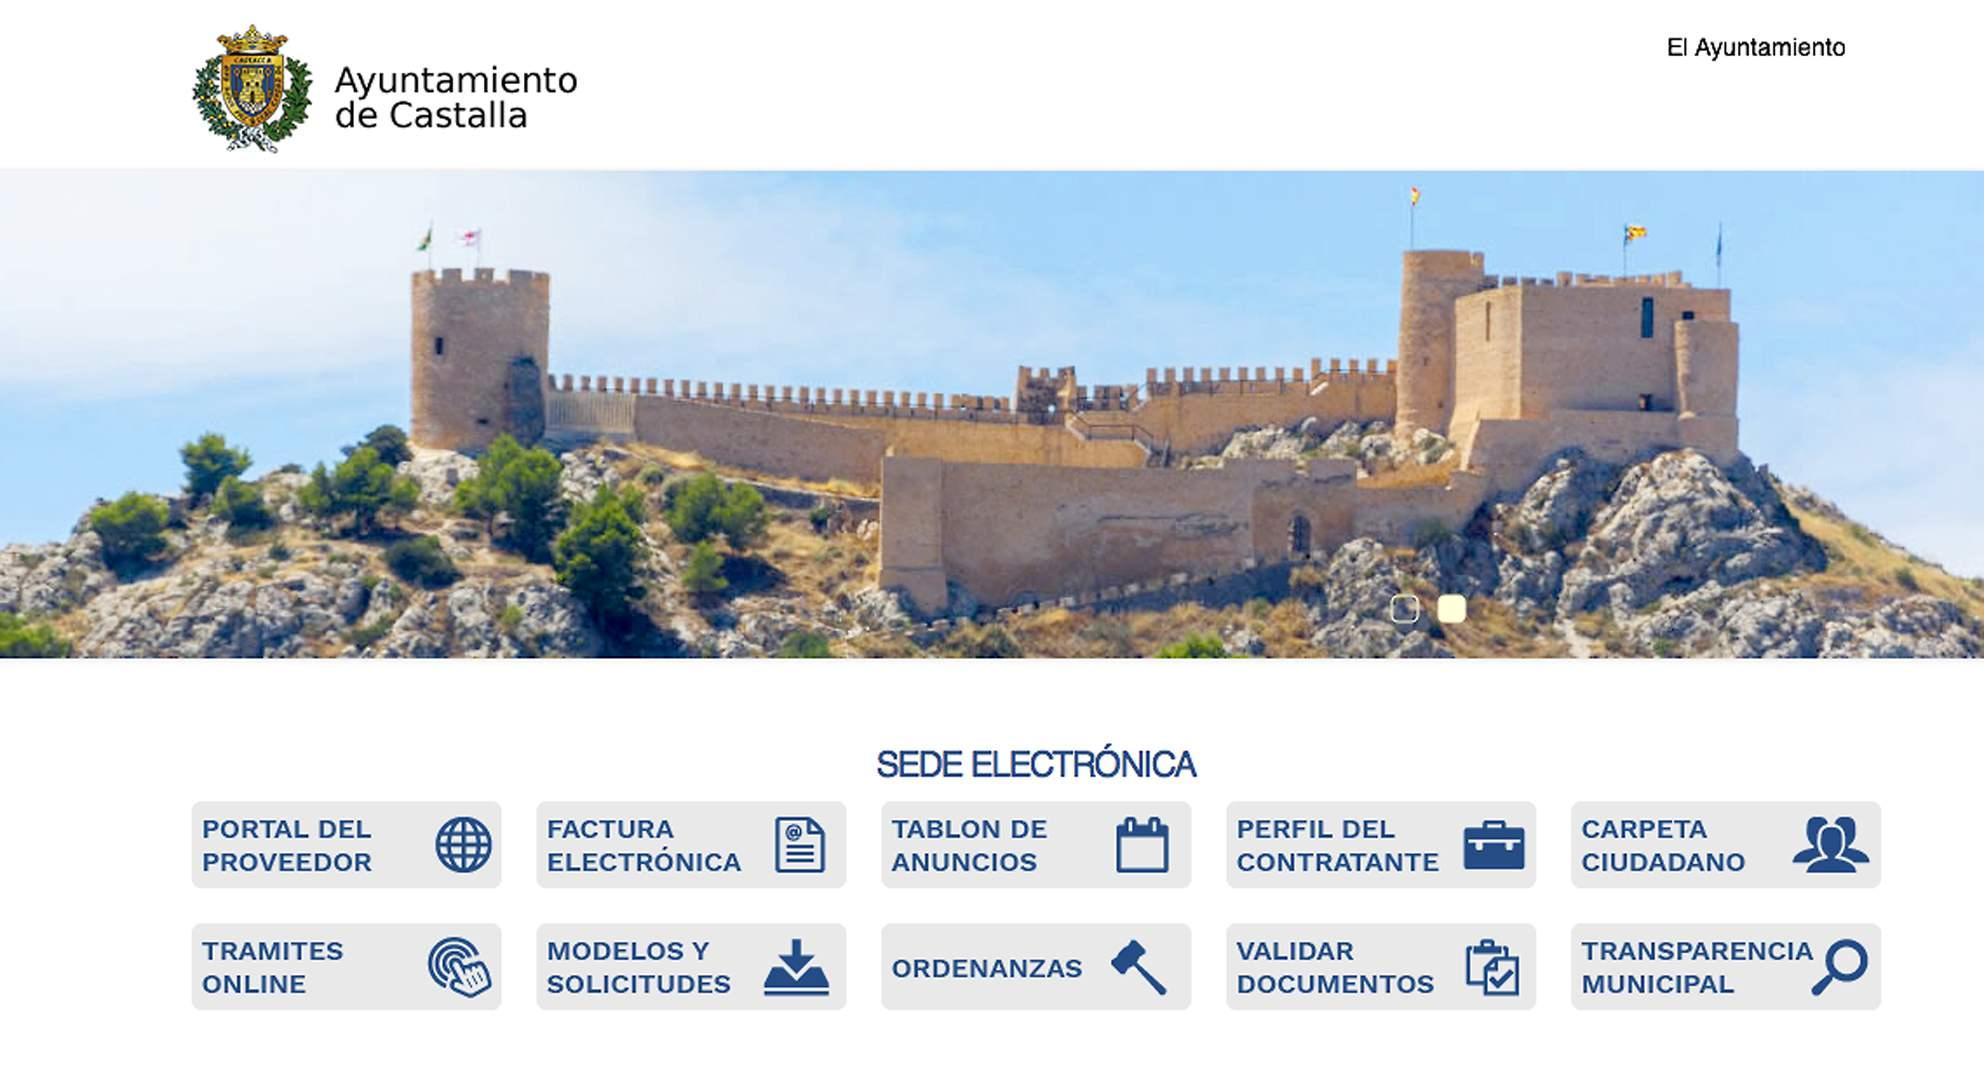 El departamento informático del Ayuntamiento de Castalla activa todos los servicios y prestaciones que permite la Sede Electrónica